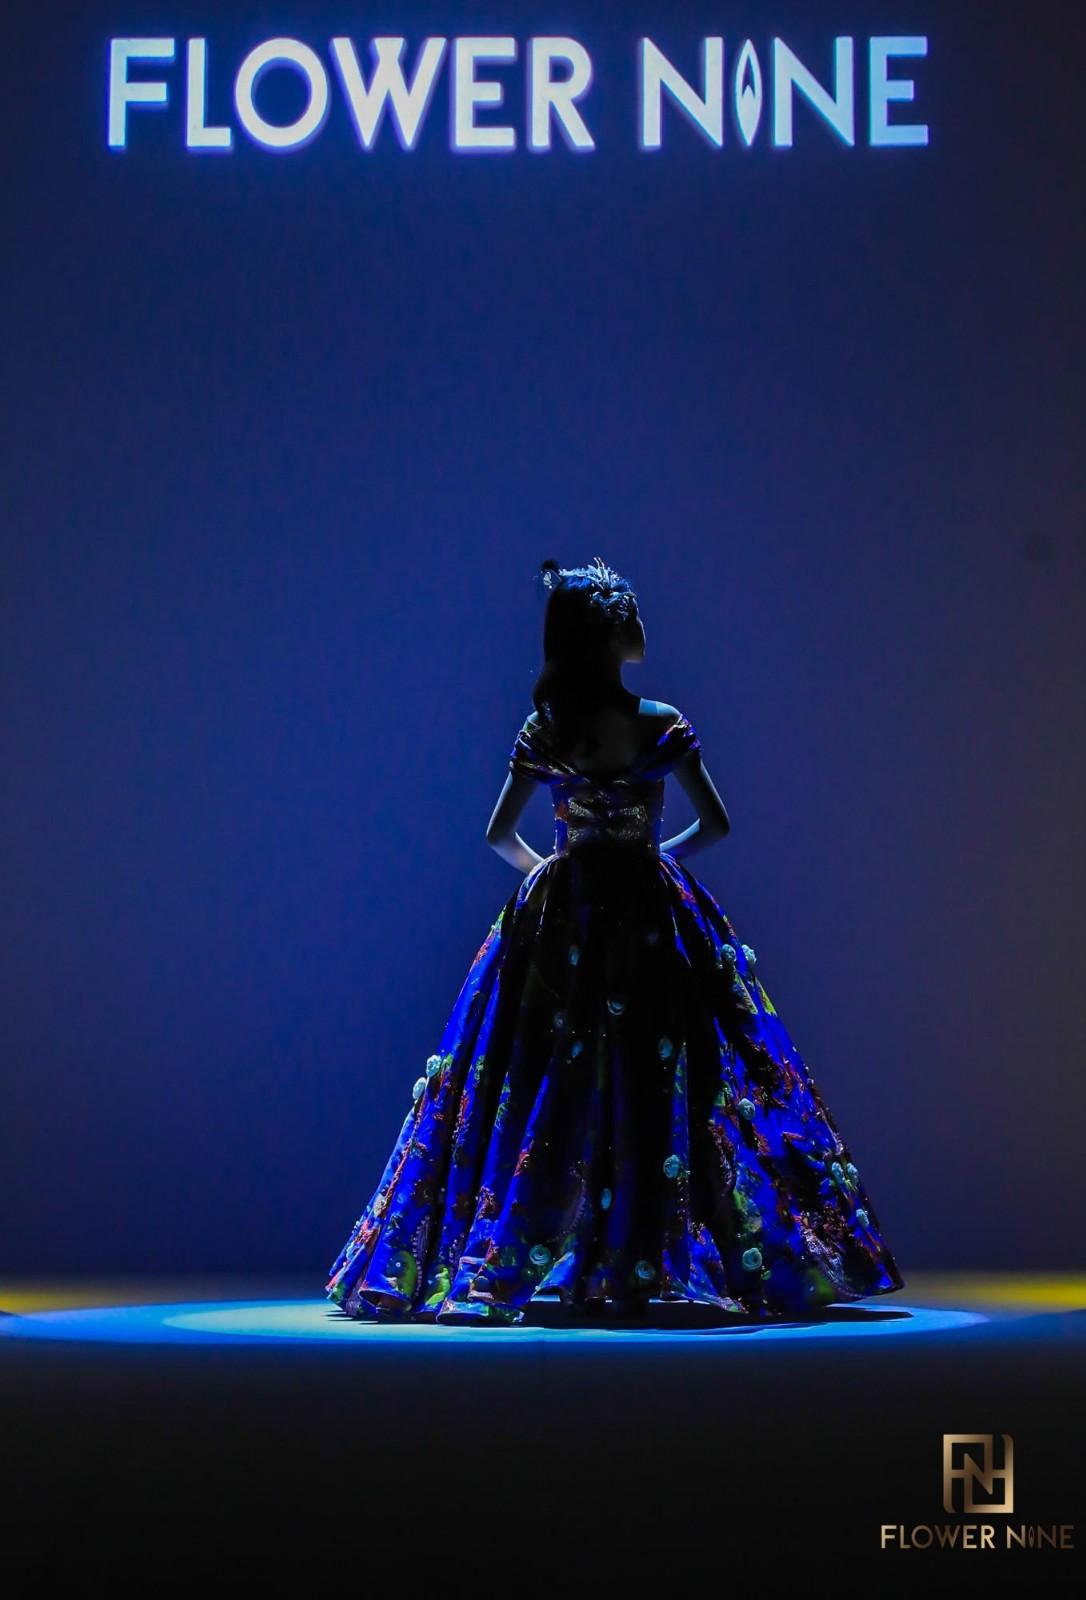 FLOWER NINE大公主林皓玥:针线飞舞间的华服之美,举手投足间演绎青春岁月